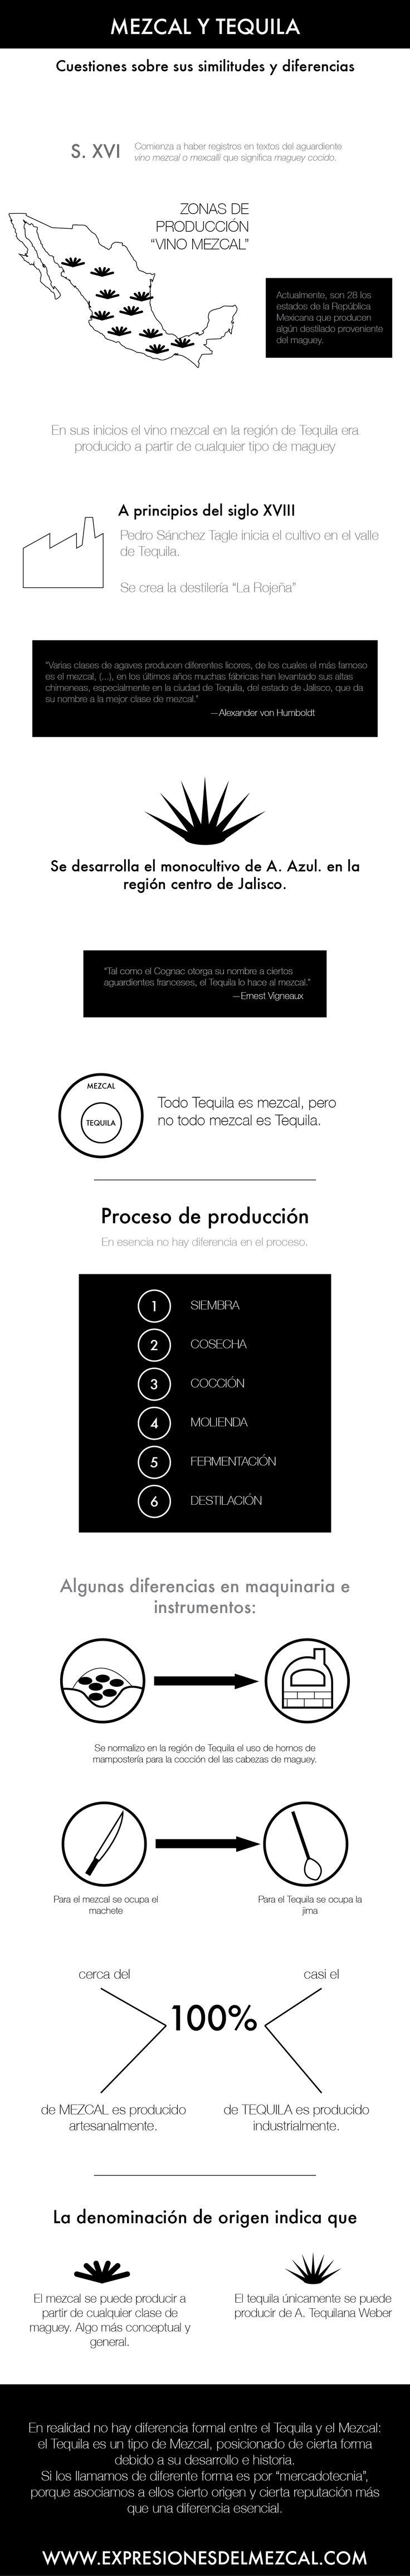 Mezcal y Tequila (Infografía)—Expresiones del mezcal